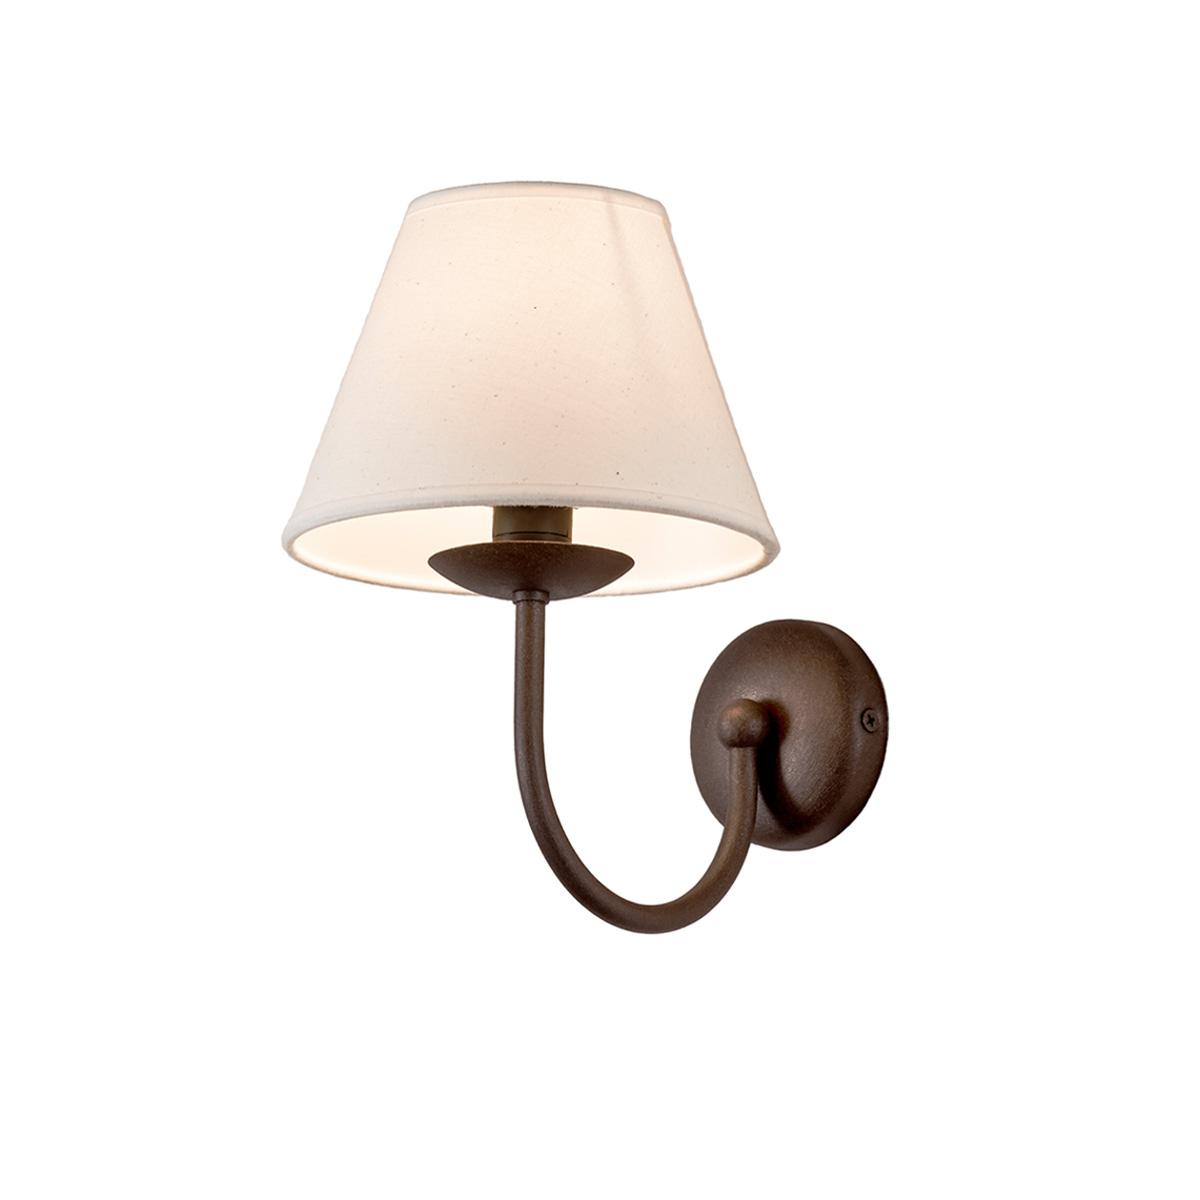 Φωτιστικό τοίχου σε καφέ πατίνα με καπέλο BIANCO-2 brown patinated wall lamp with shade